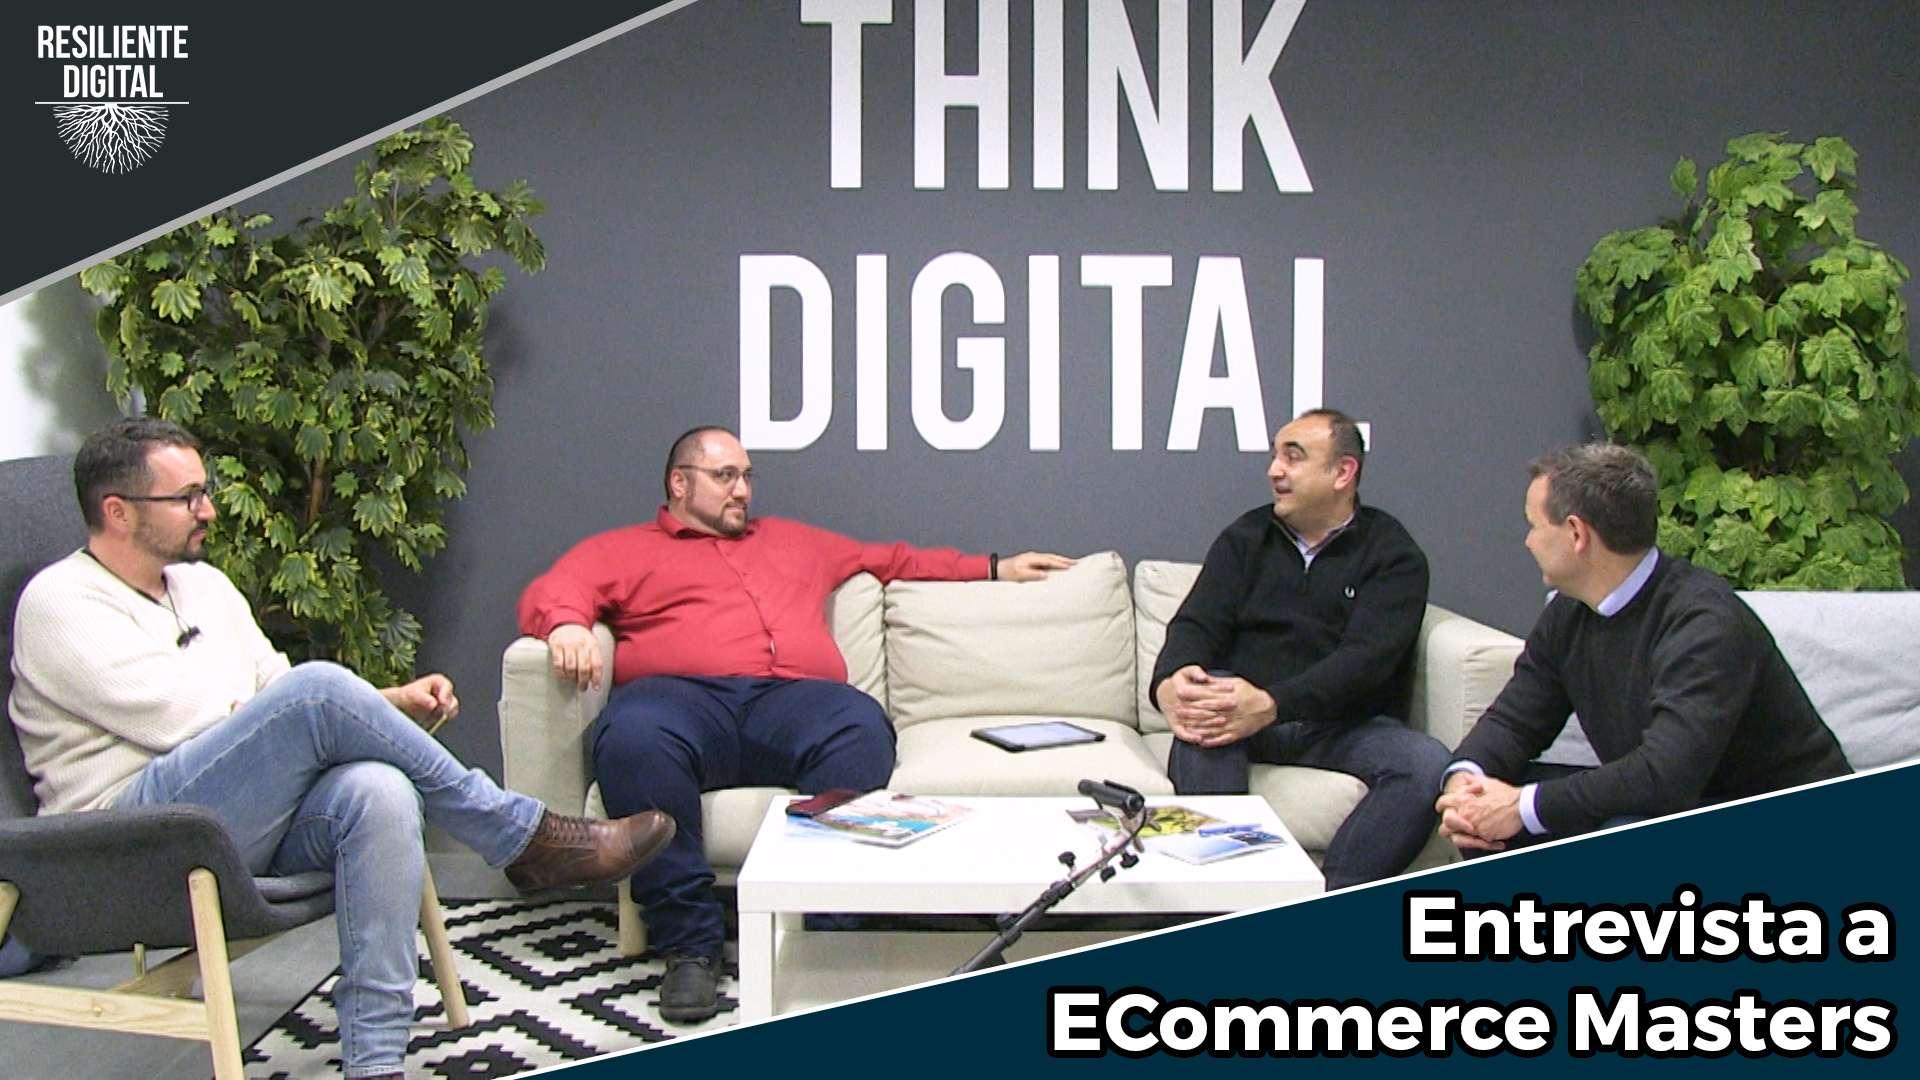 Entrevista sobre comercio electrónico a Fares Kameli, José Carlos Cortizo y Jorge Gonzalez